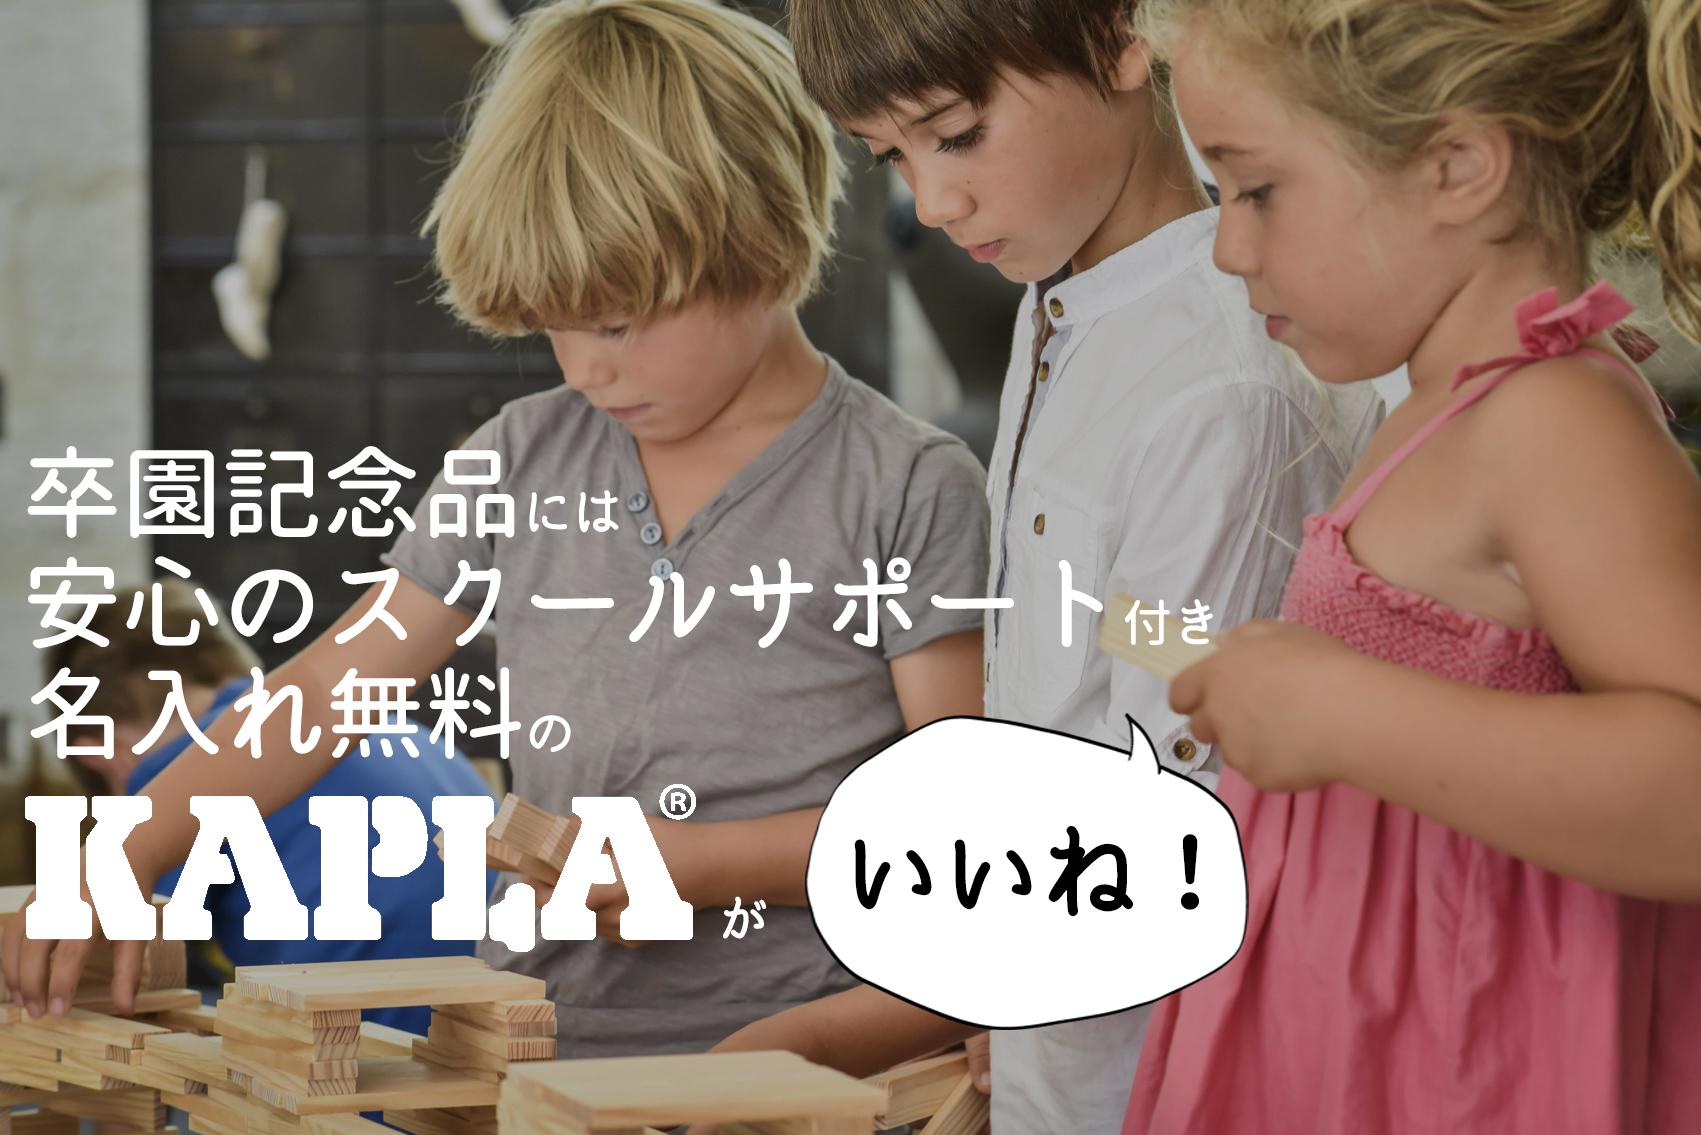 KAPLAブロック卒園記念品木のおもちゃ知育玩具